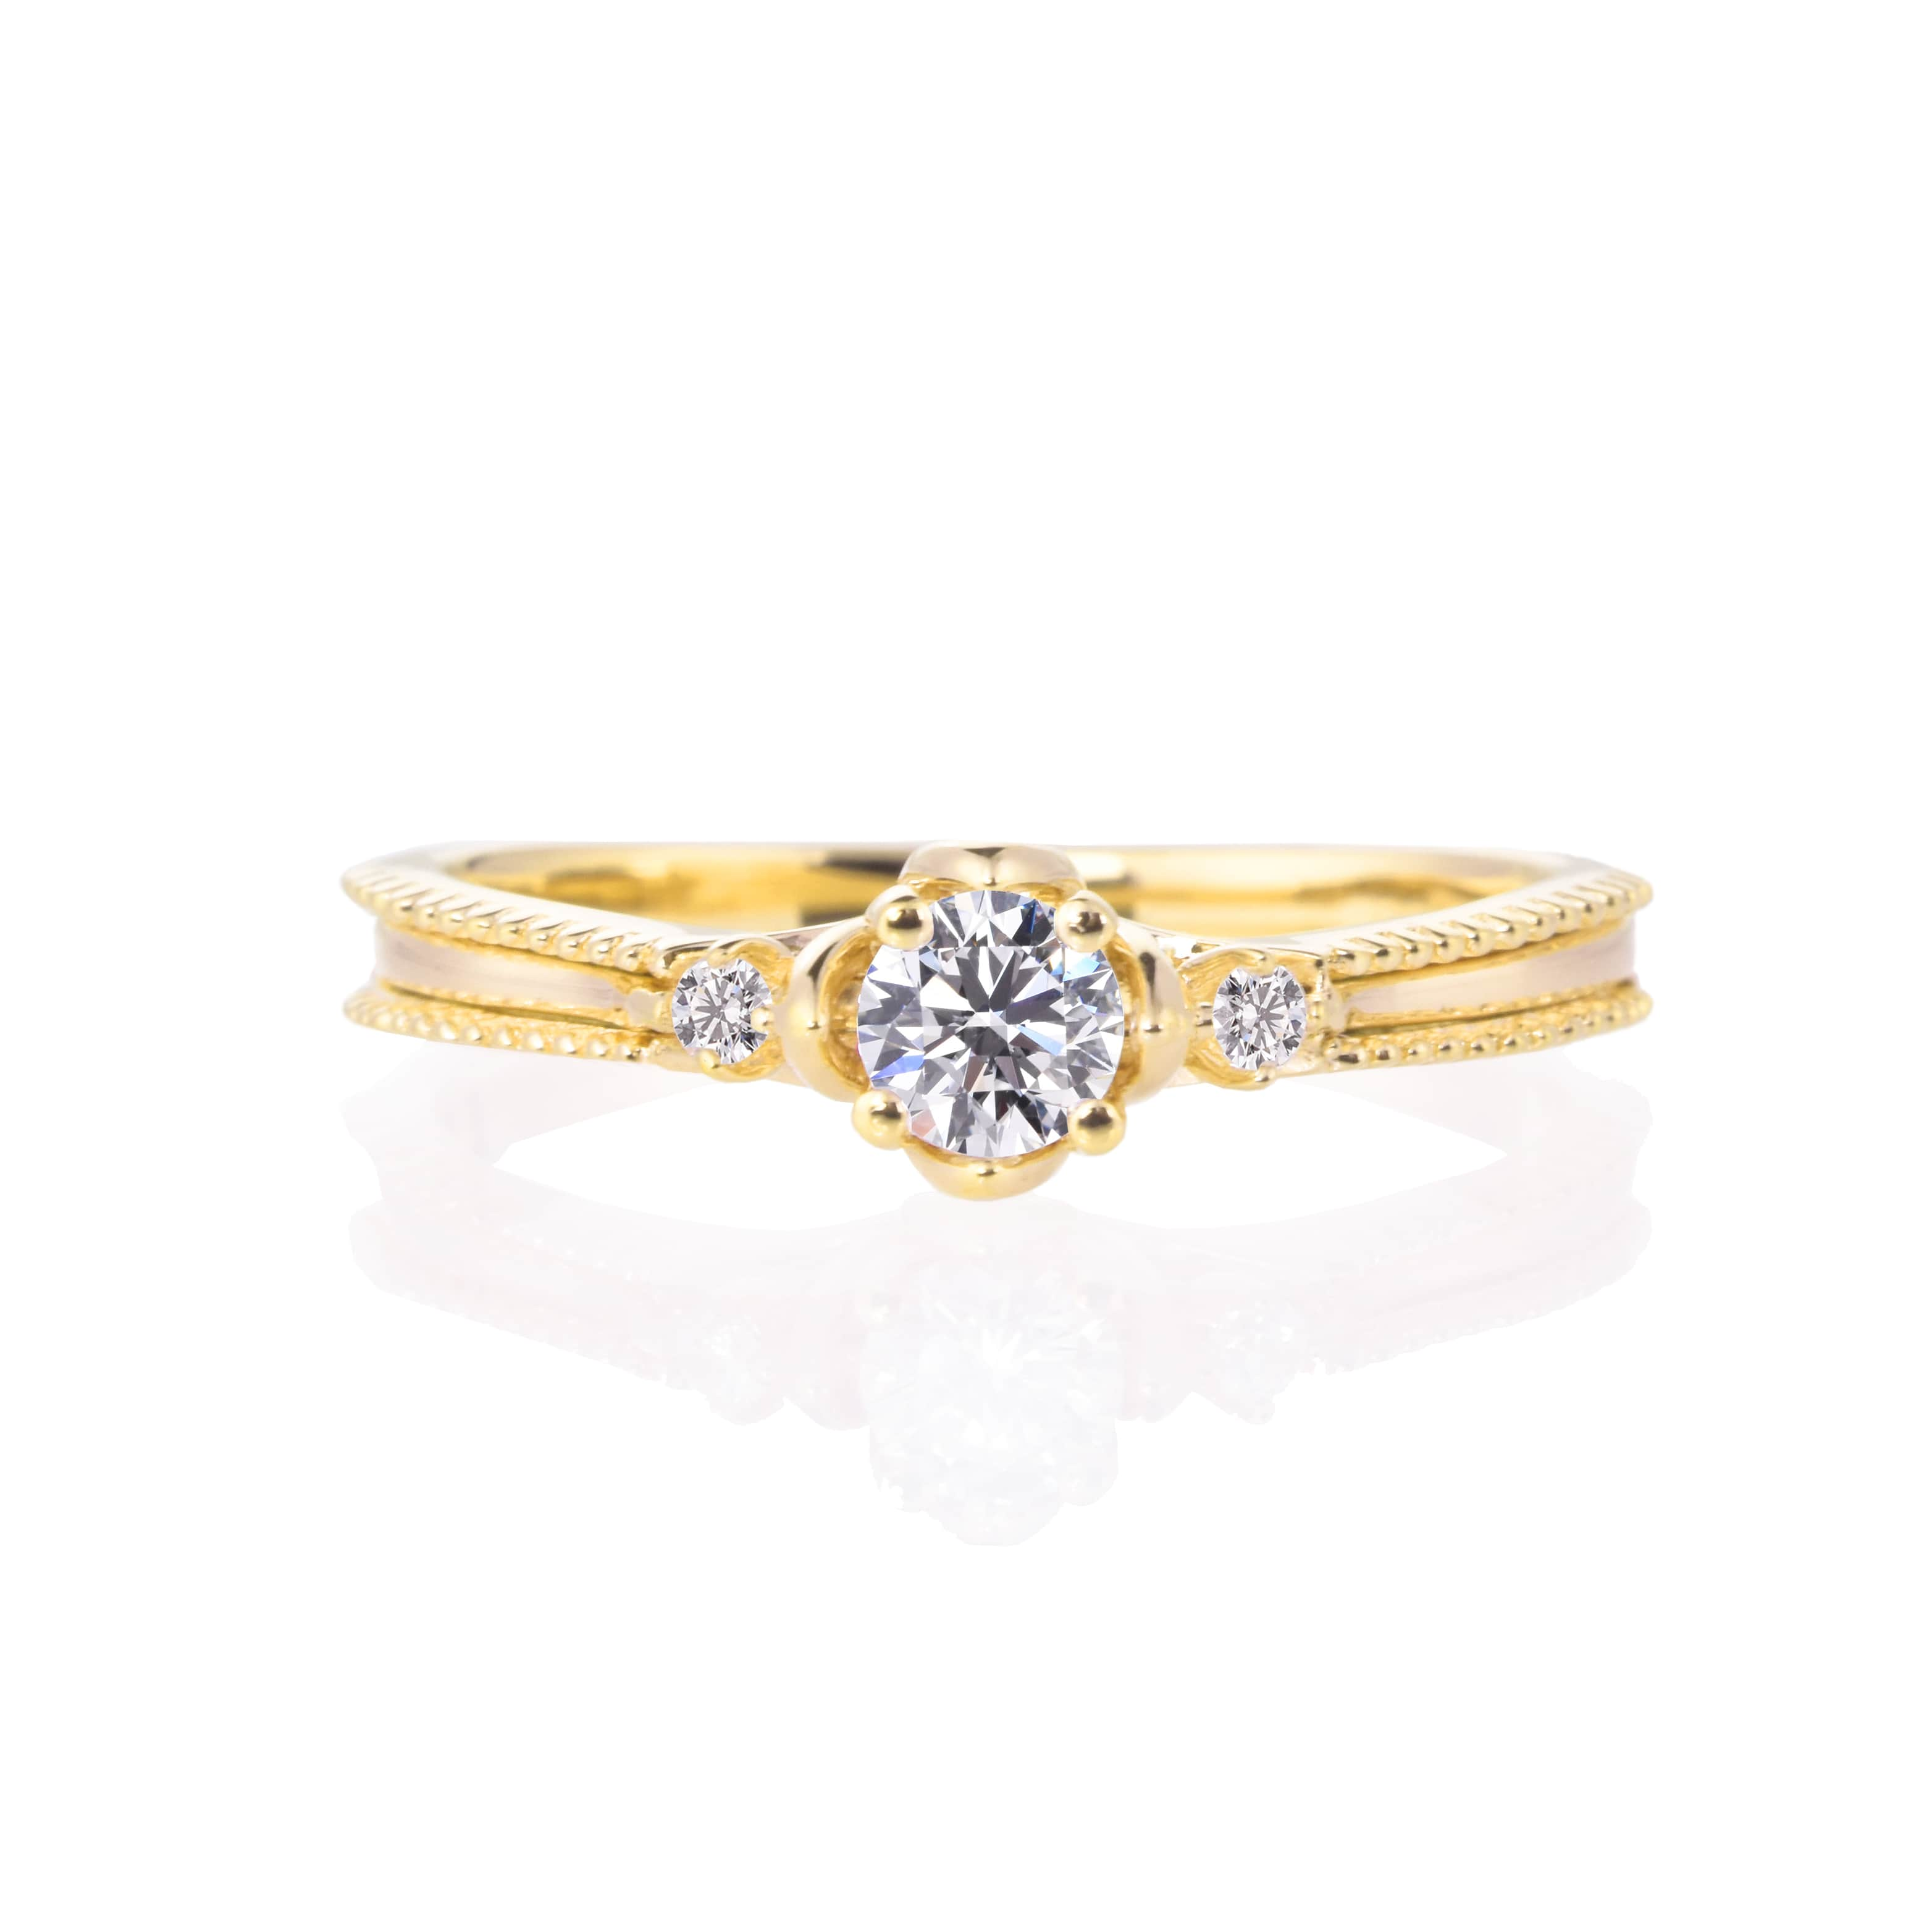 【プロポーズ用】【 0.20ct D SI2 EX】エンゲージリング 婚約指輪【RG230】